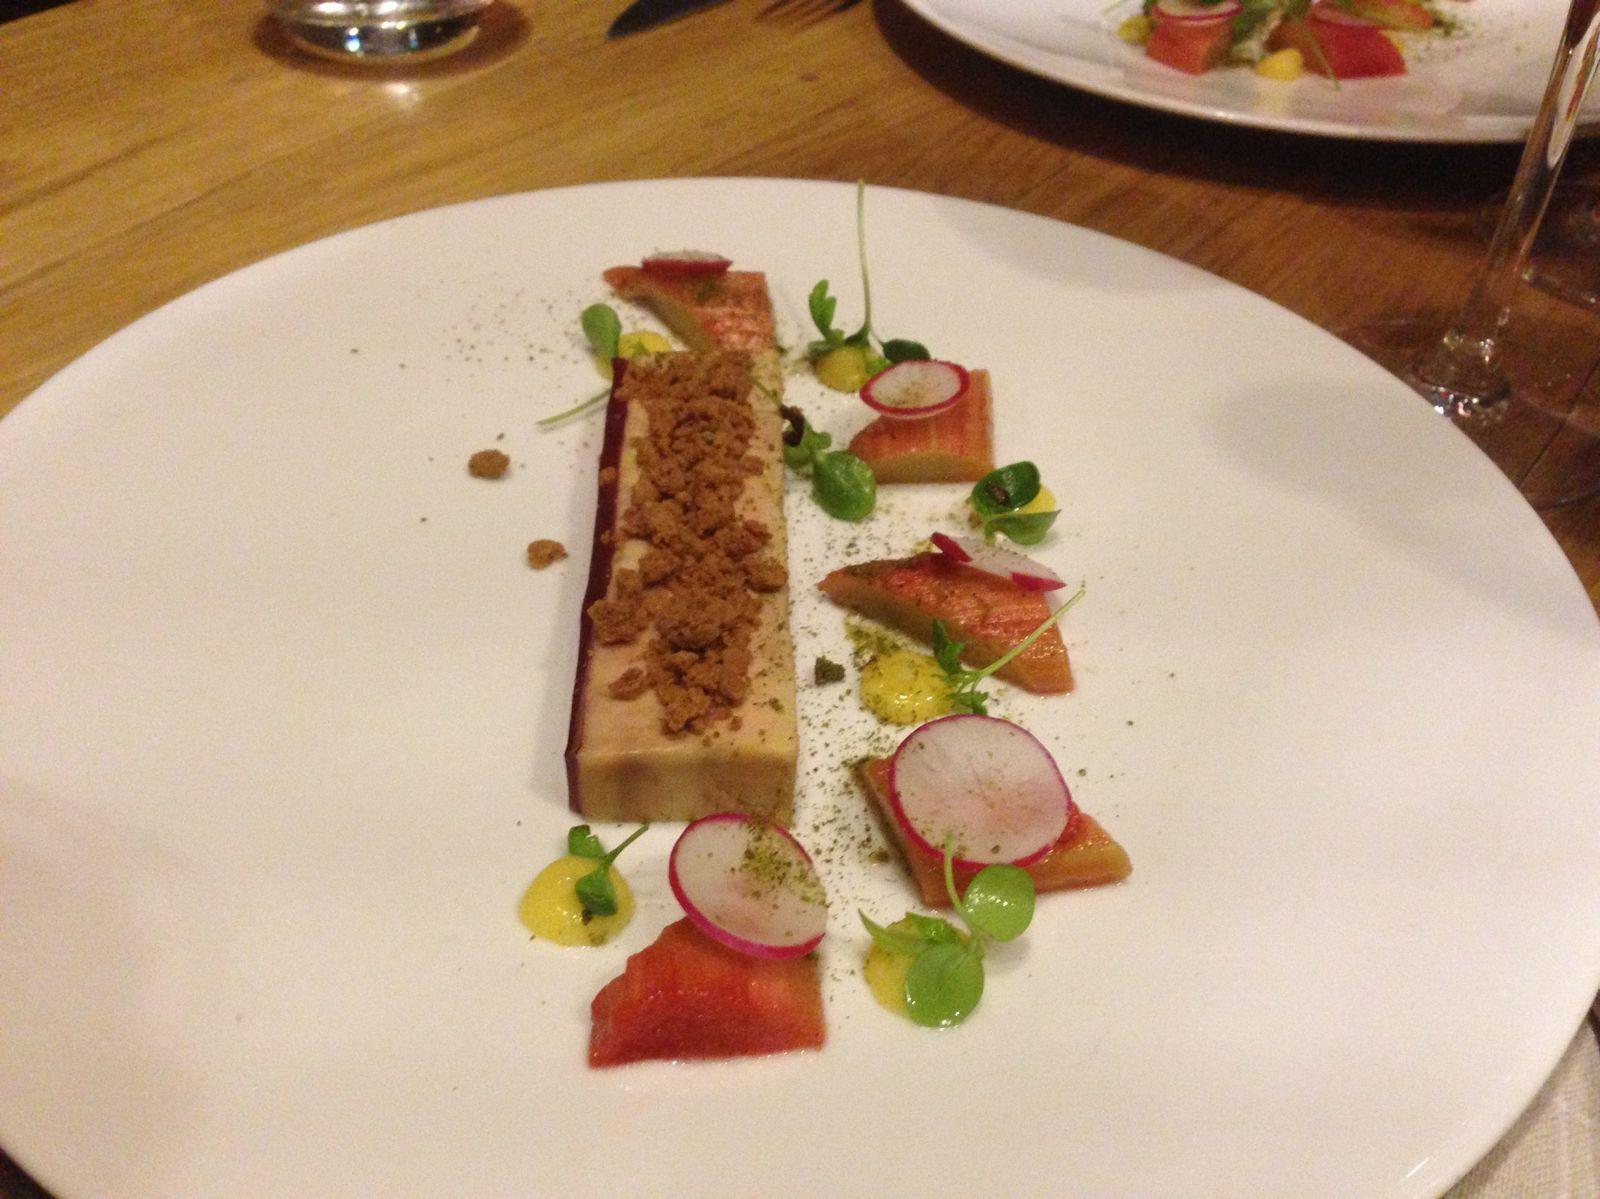 Les entrées : terrines de foie gras, spéculos et crème de citron et oeuf à la plancha sur purée d'asperges.